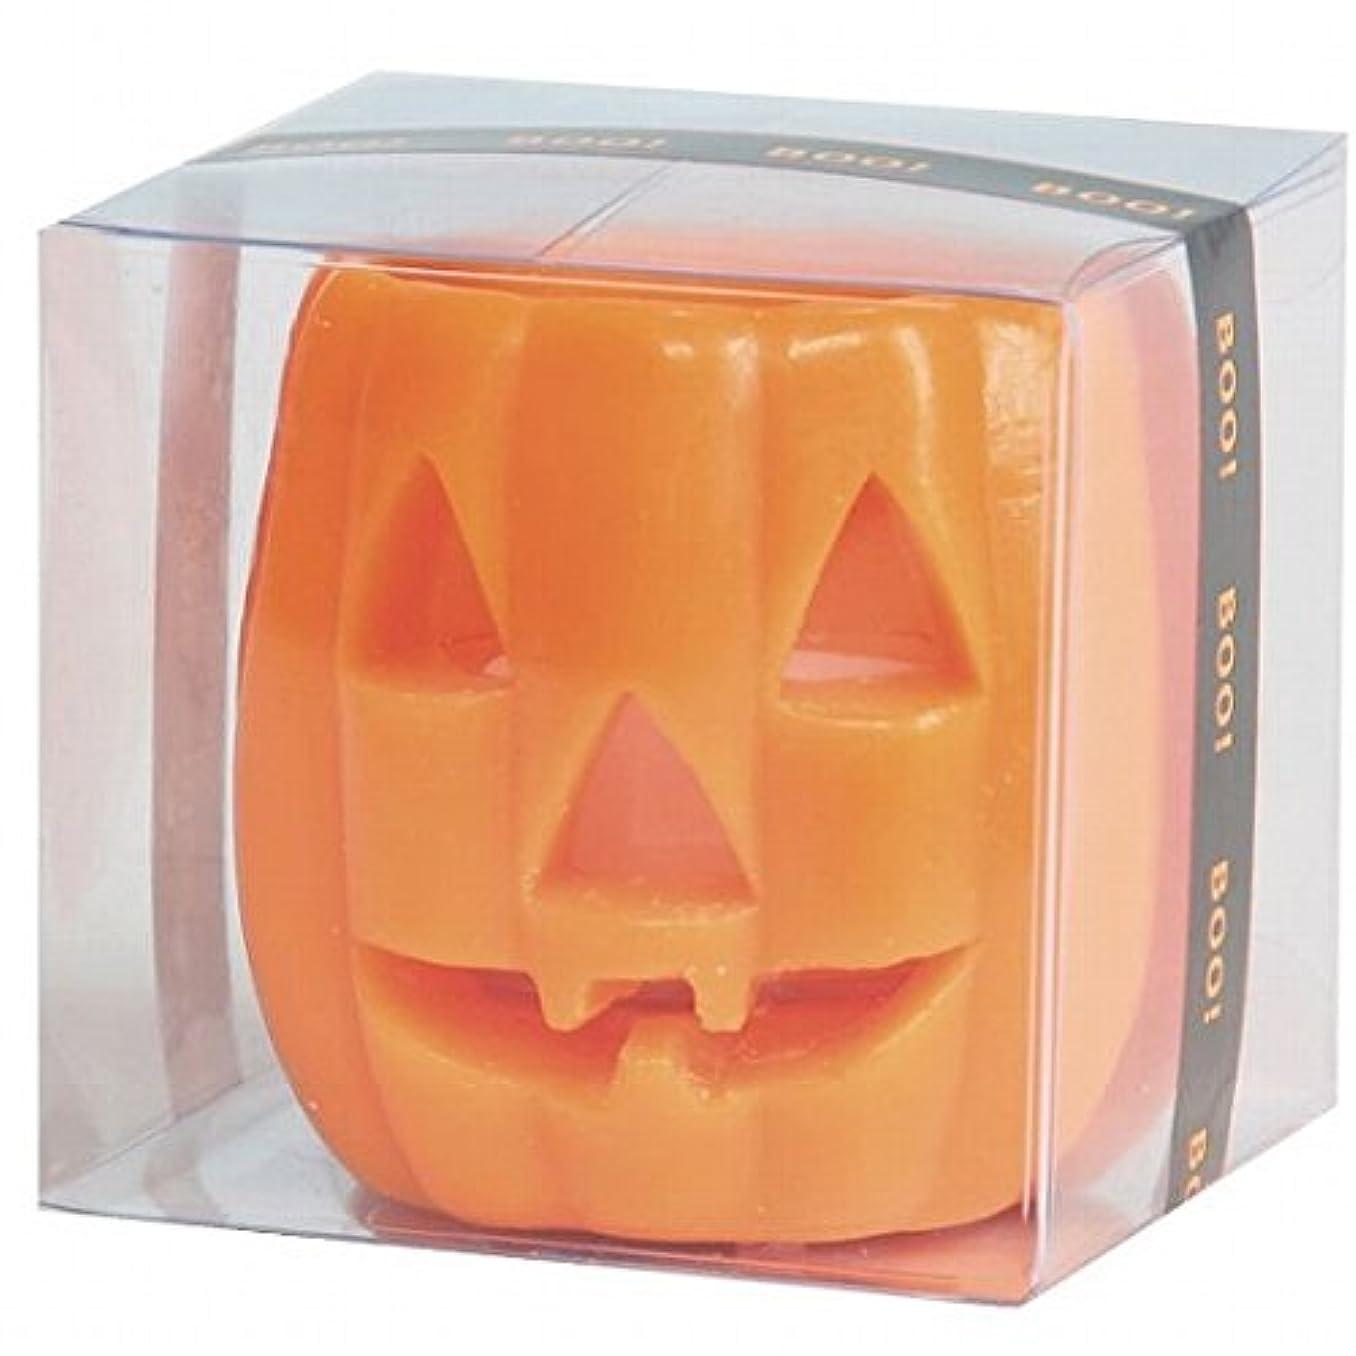 遊びます吸い込む船カメヤマキャンドル(kameyama candle) パンプキンフェイスS 「 オレンジ 」 キャンドル